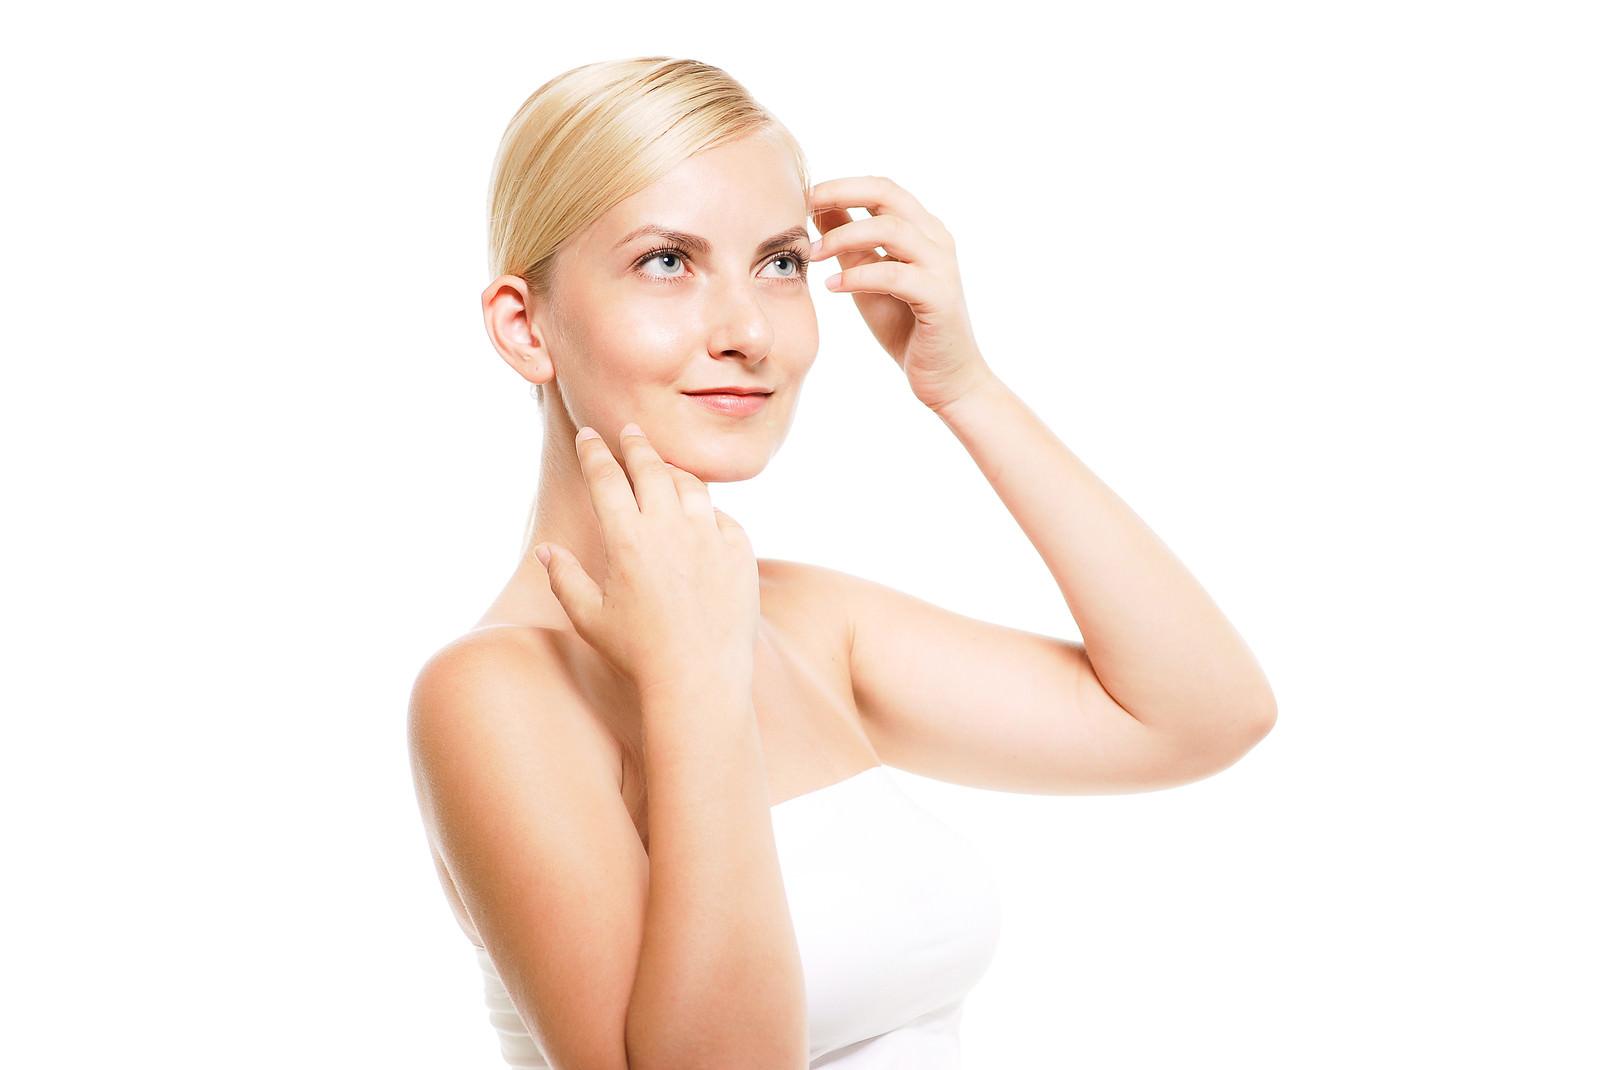 「軽く見上げながら肌の調子を整える外国人の女性」の写真[モデル:モデルファクトリー]